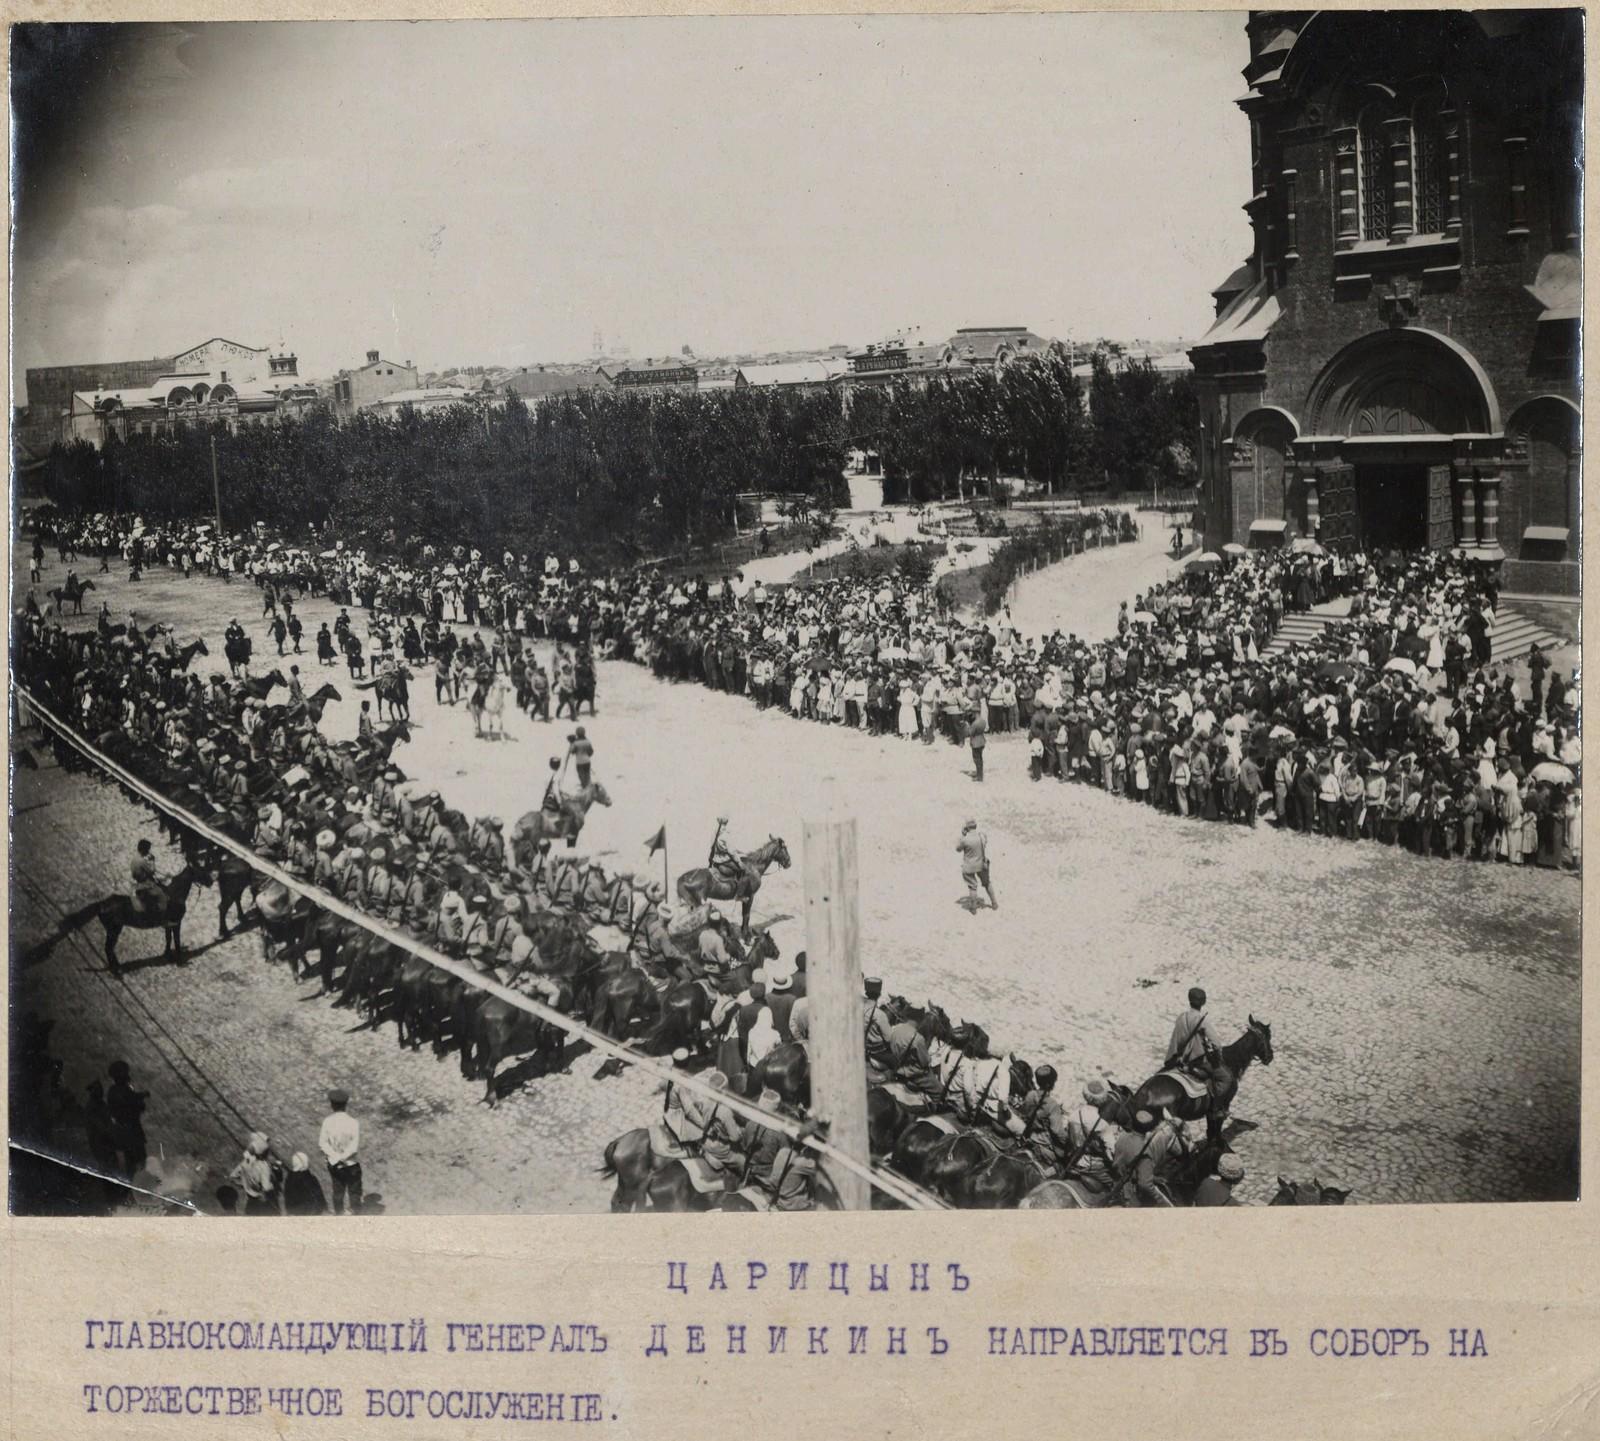 1919. Царицын. Главнокомандующий генерал Деникин направляется в собор на торжественное богослужение